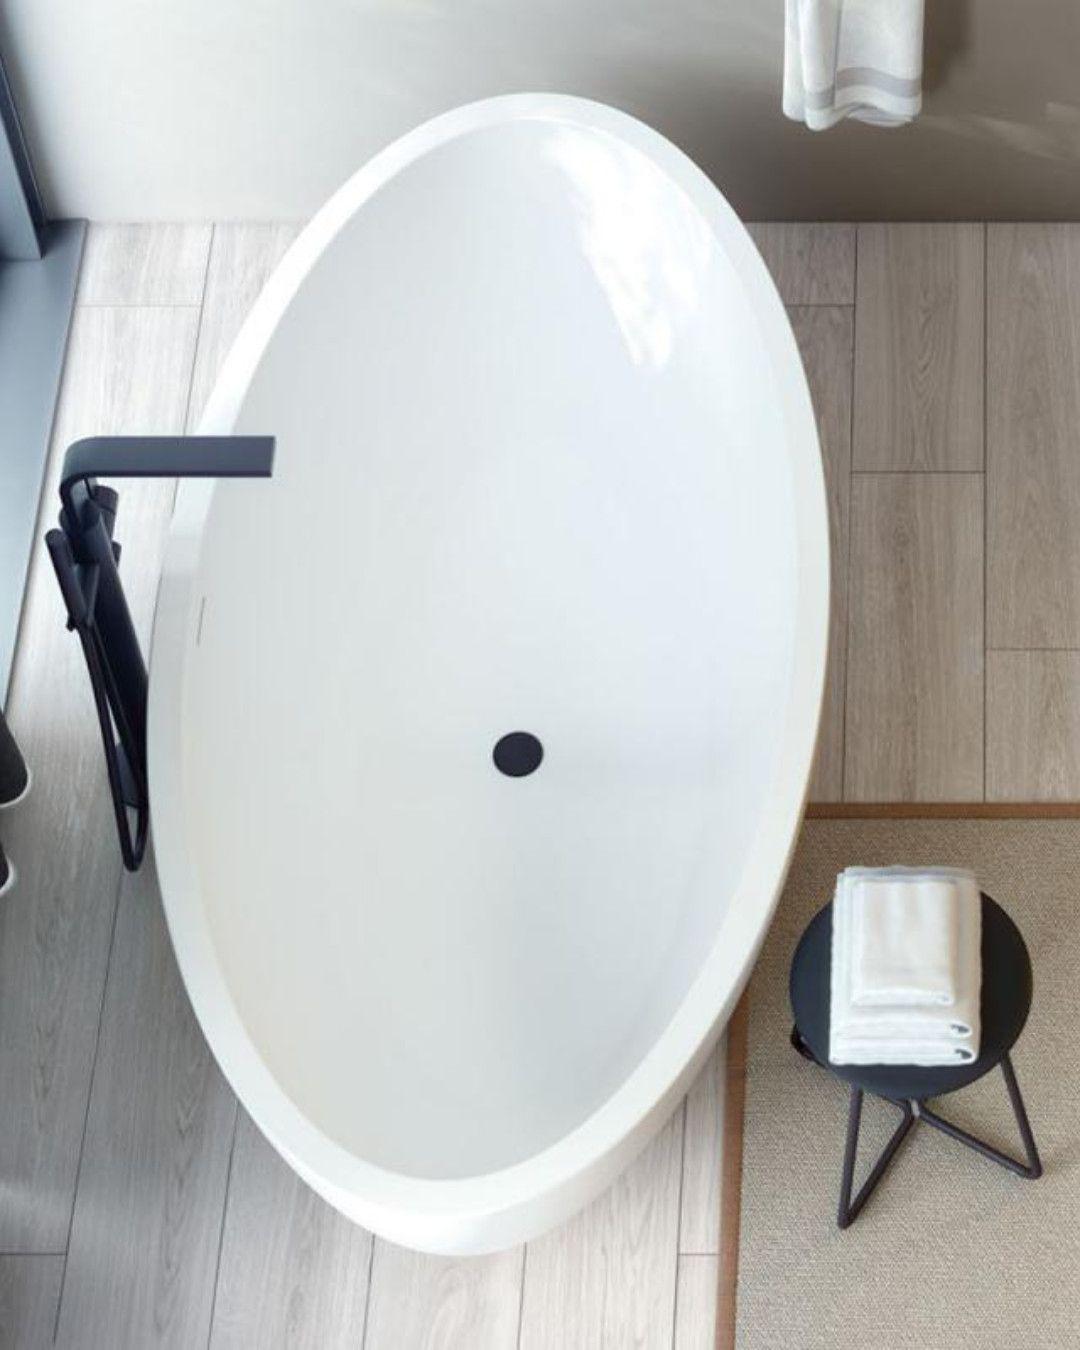 Cosmic Mood Die Freistehende Badewanne Garantiert Entspannende Wellness Momente Im Eigenen Badezimmer Dank Der Zwei Ru Freistehende Badewanne Badewanne Wanne